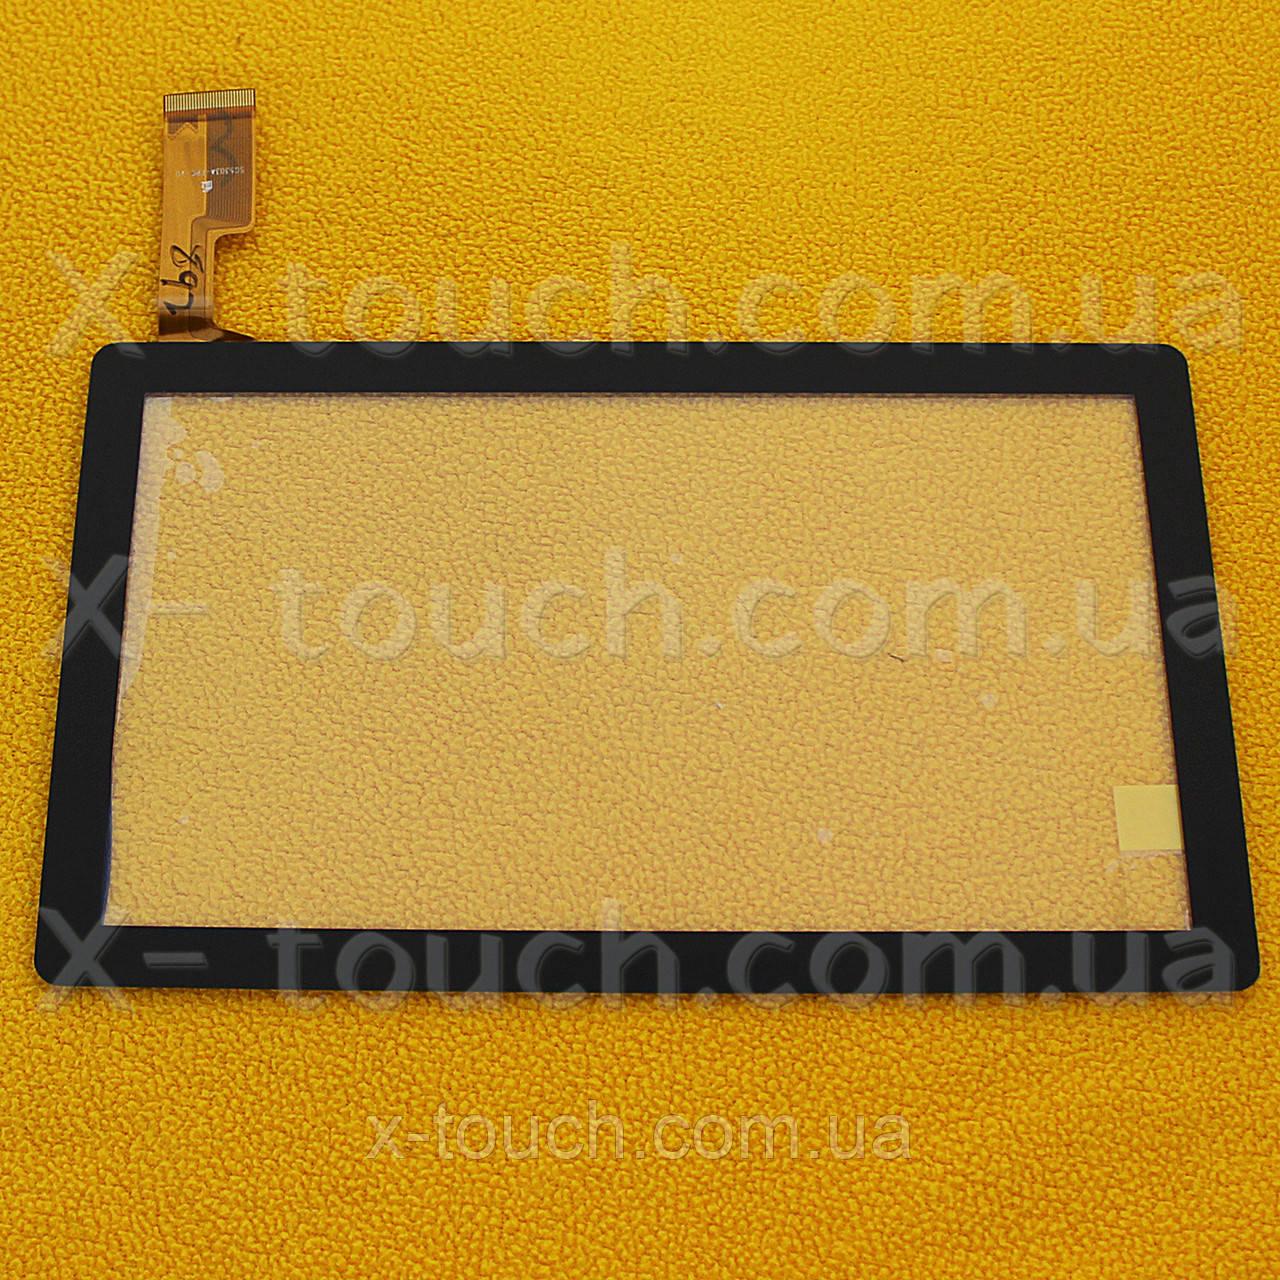 Тачскрин, сенсор  scf0100-a  для планшета